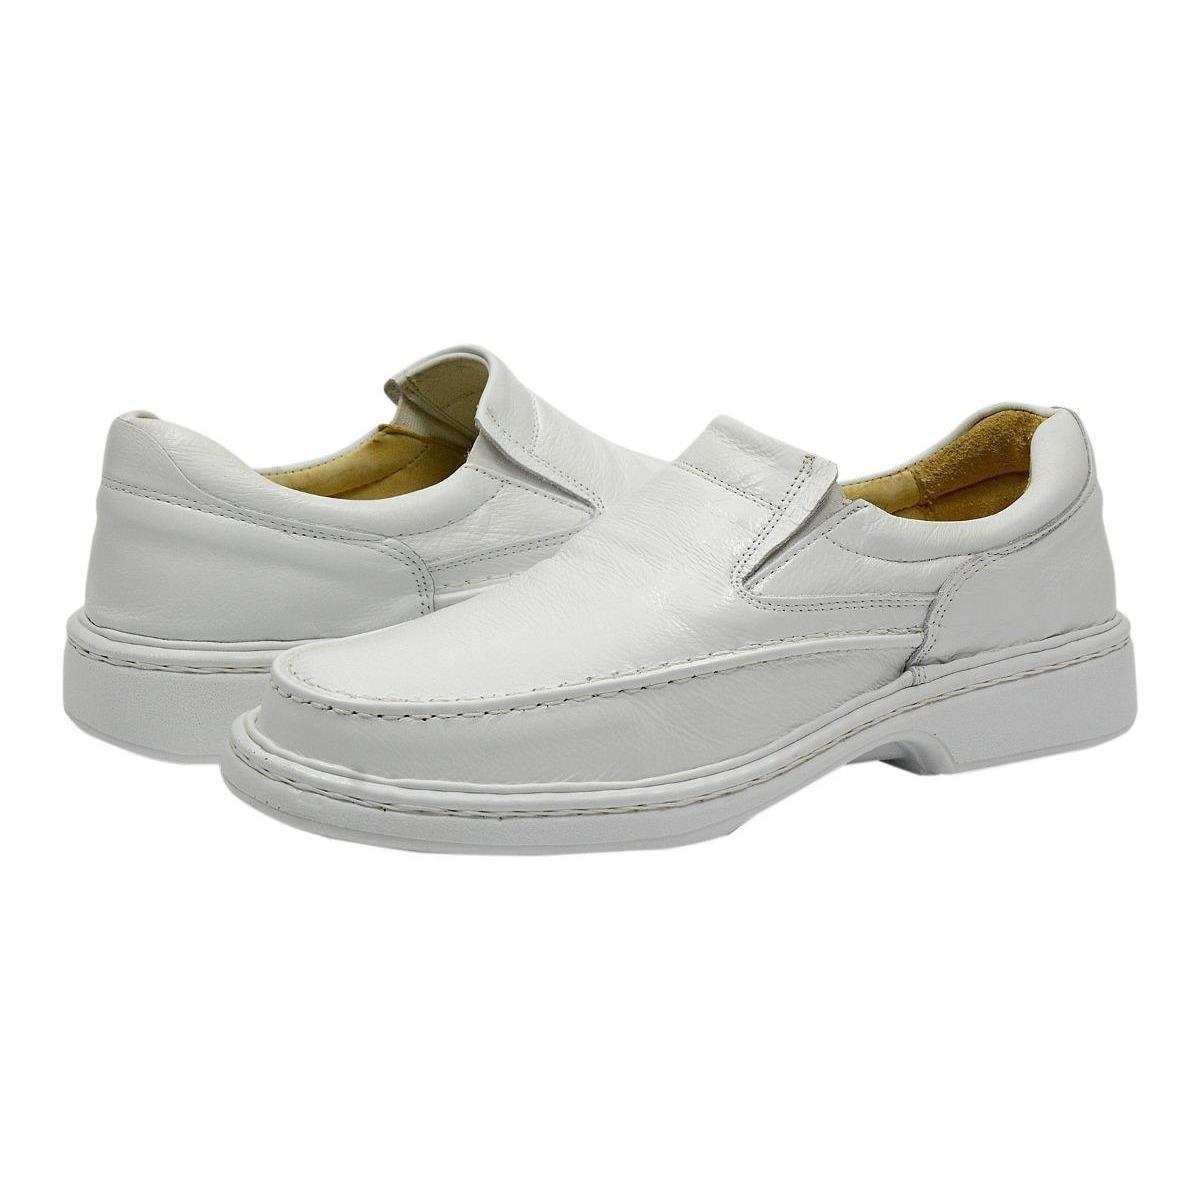 G Conforto Sapato Way Masculino Sapato Couro Branco Couro HBIAzxqnv